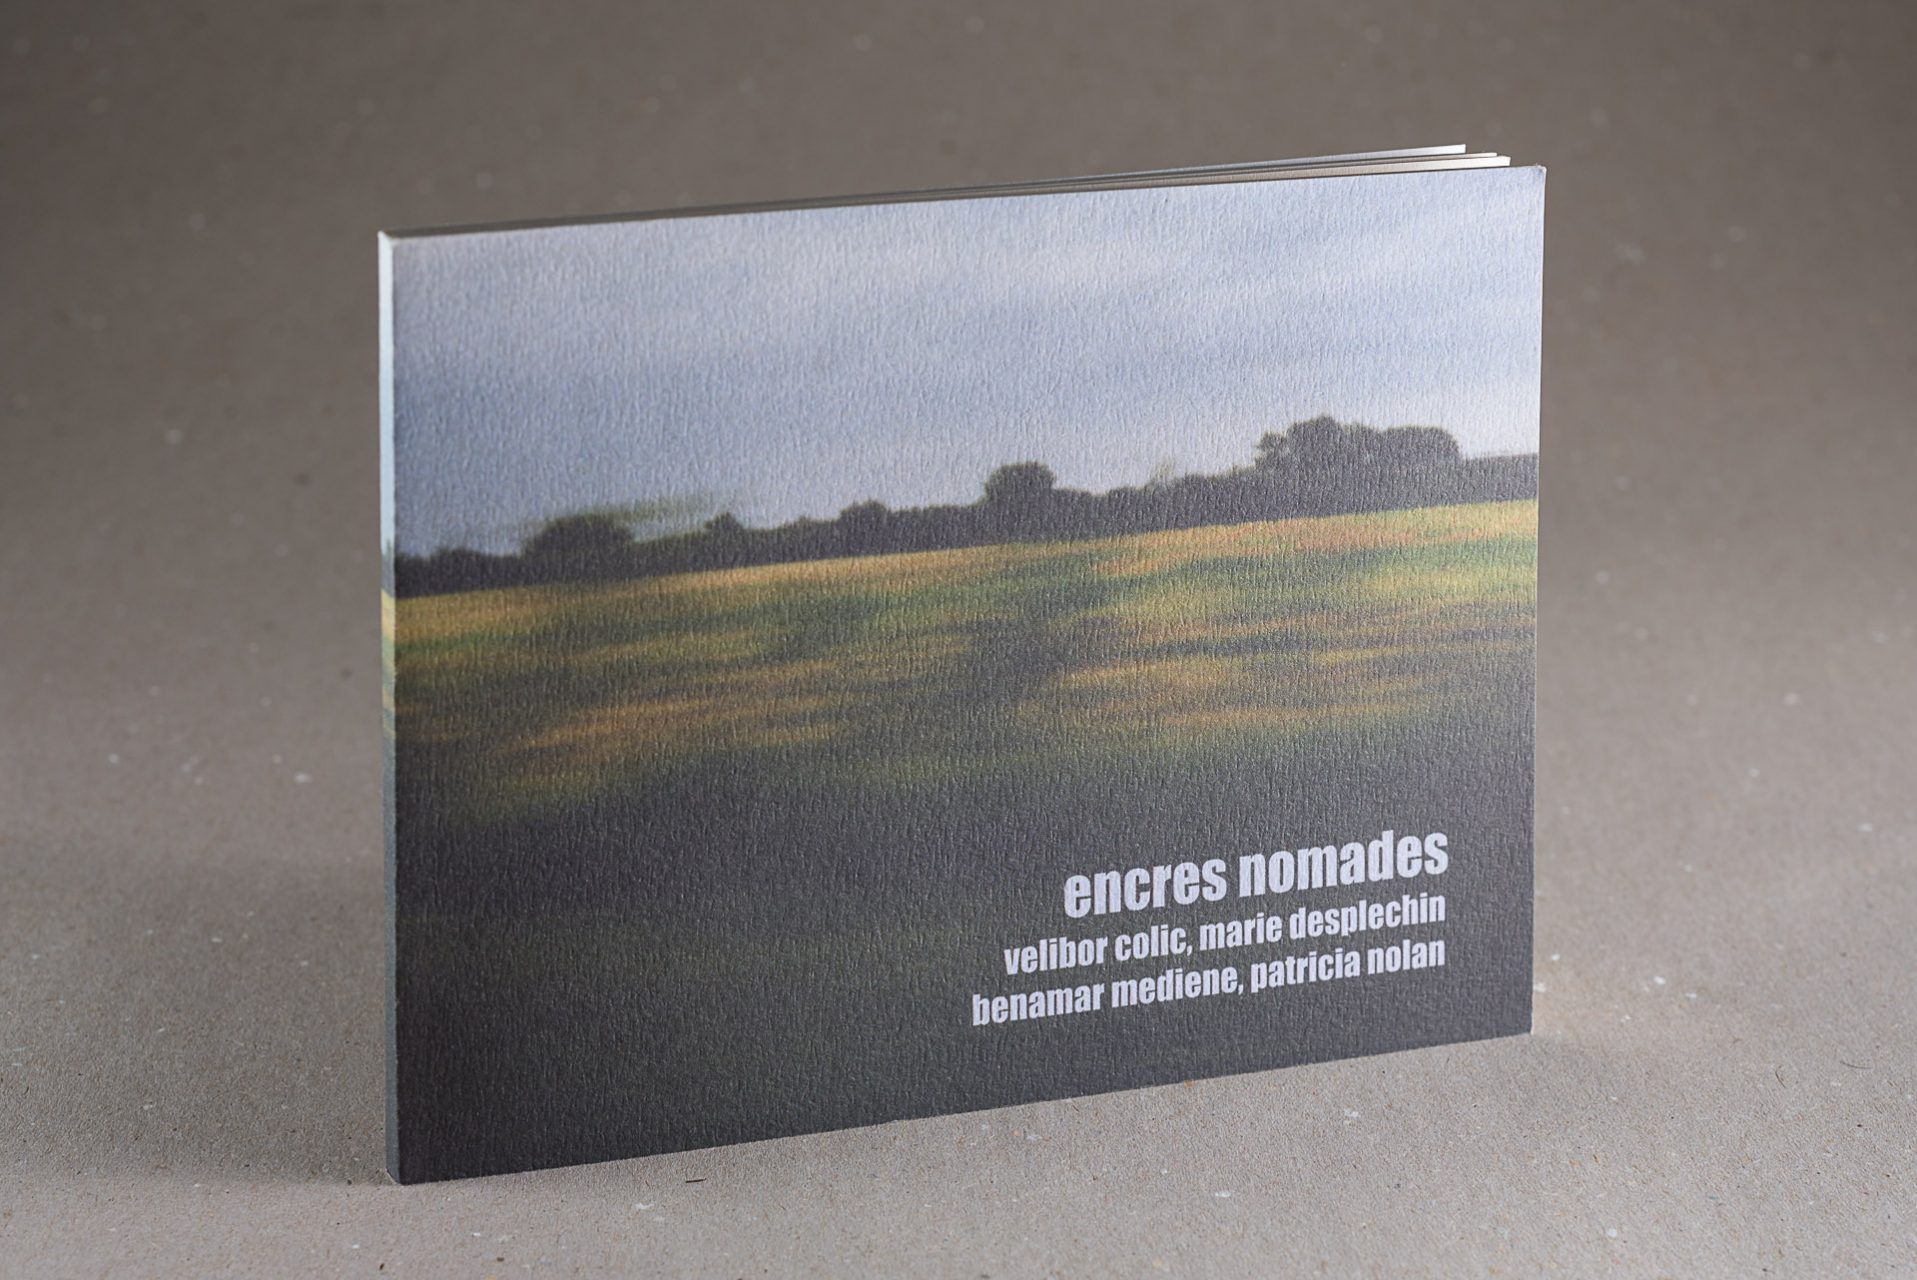 web-hd-nuit-myrtide-livre-encres-nomades-01